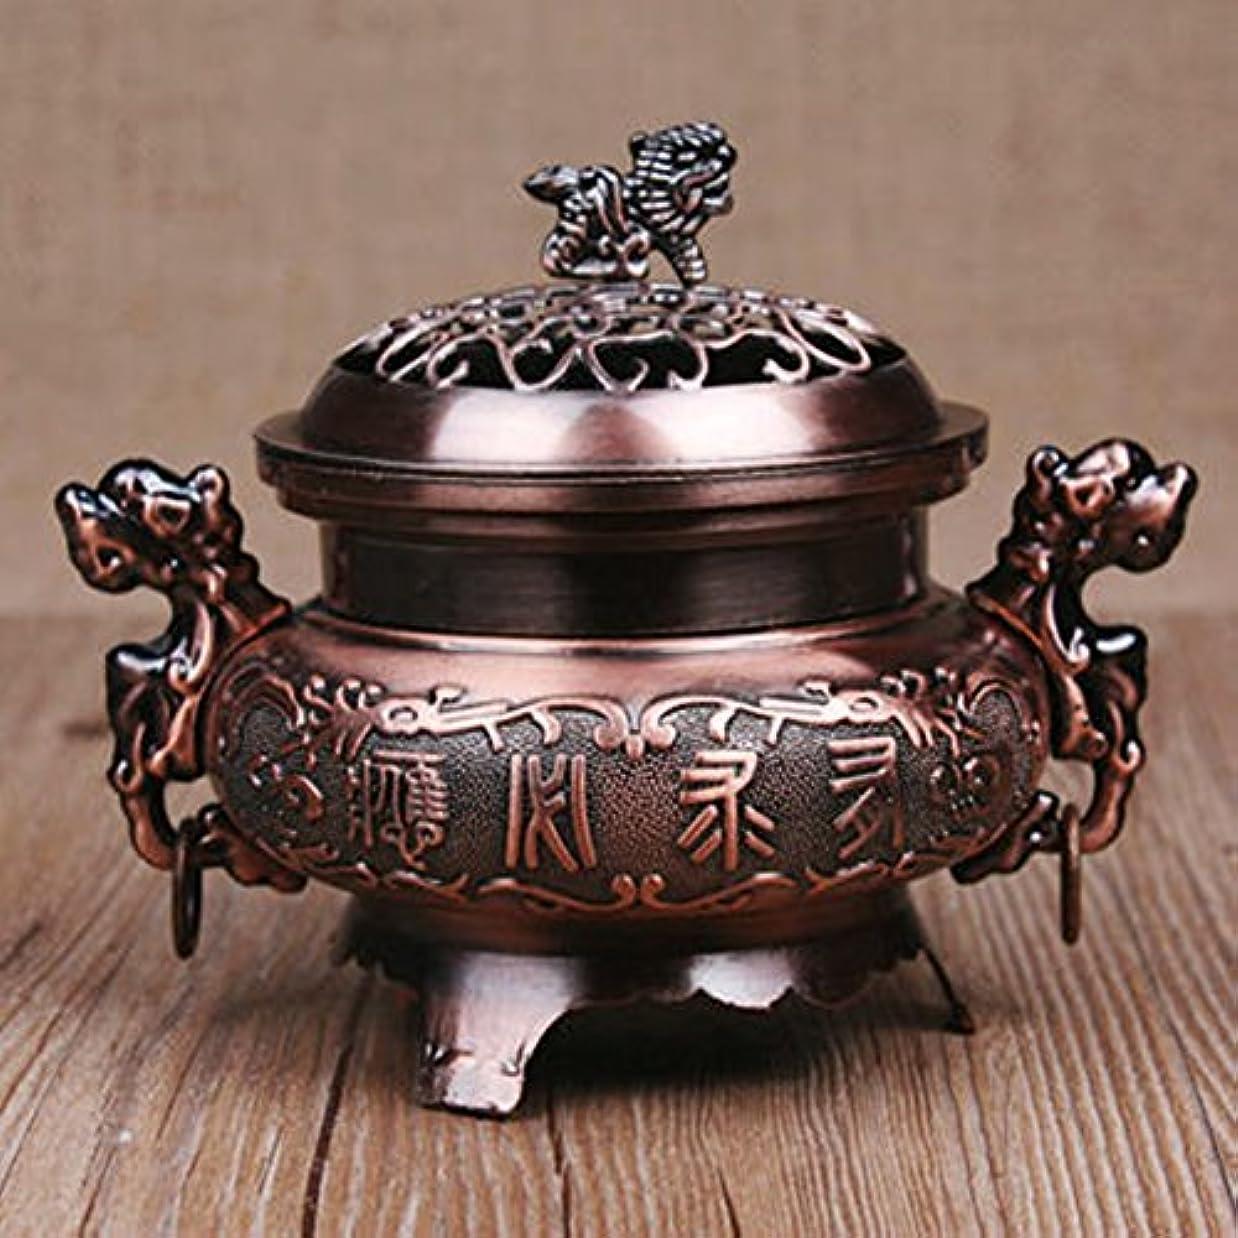 デジタル見分ける比類なきocamo香炉レトロスタイル合金香炉ダブルドラゴンHollowカバーCenser円錐ホルダーホーム装飾 WCJ-jiaju-0408-22